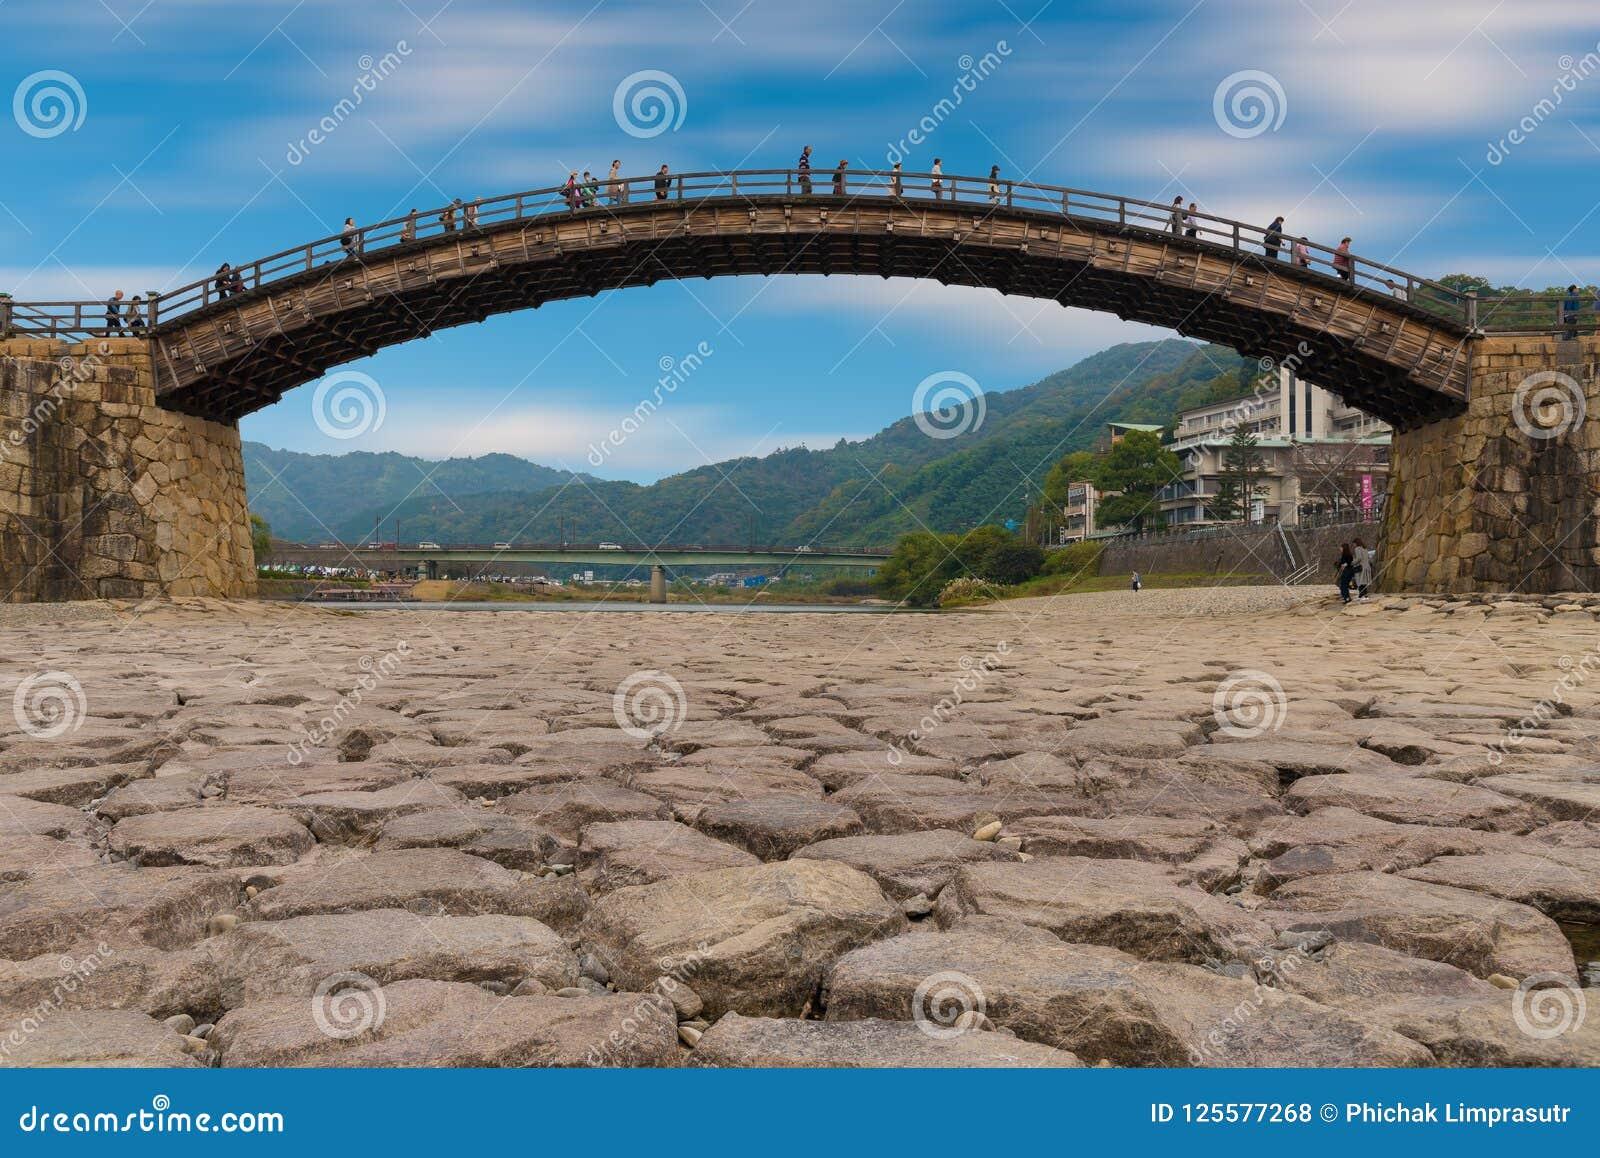 De Kintai-Brug, de historische houten boogbrug